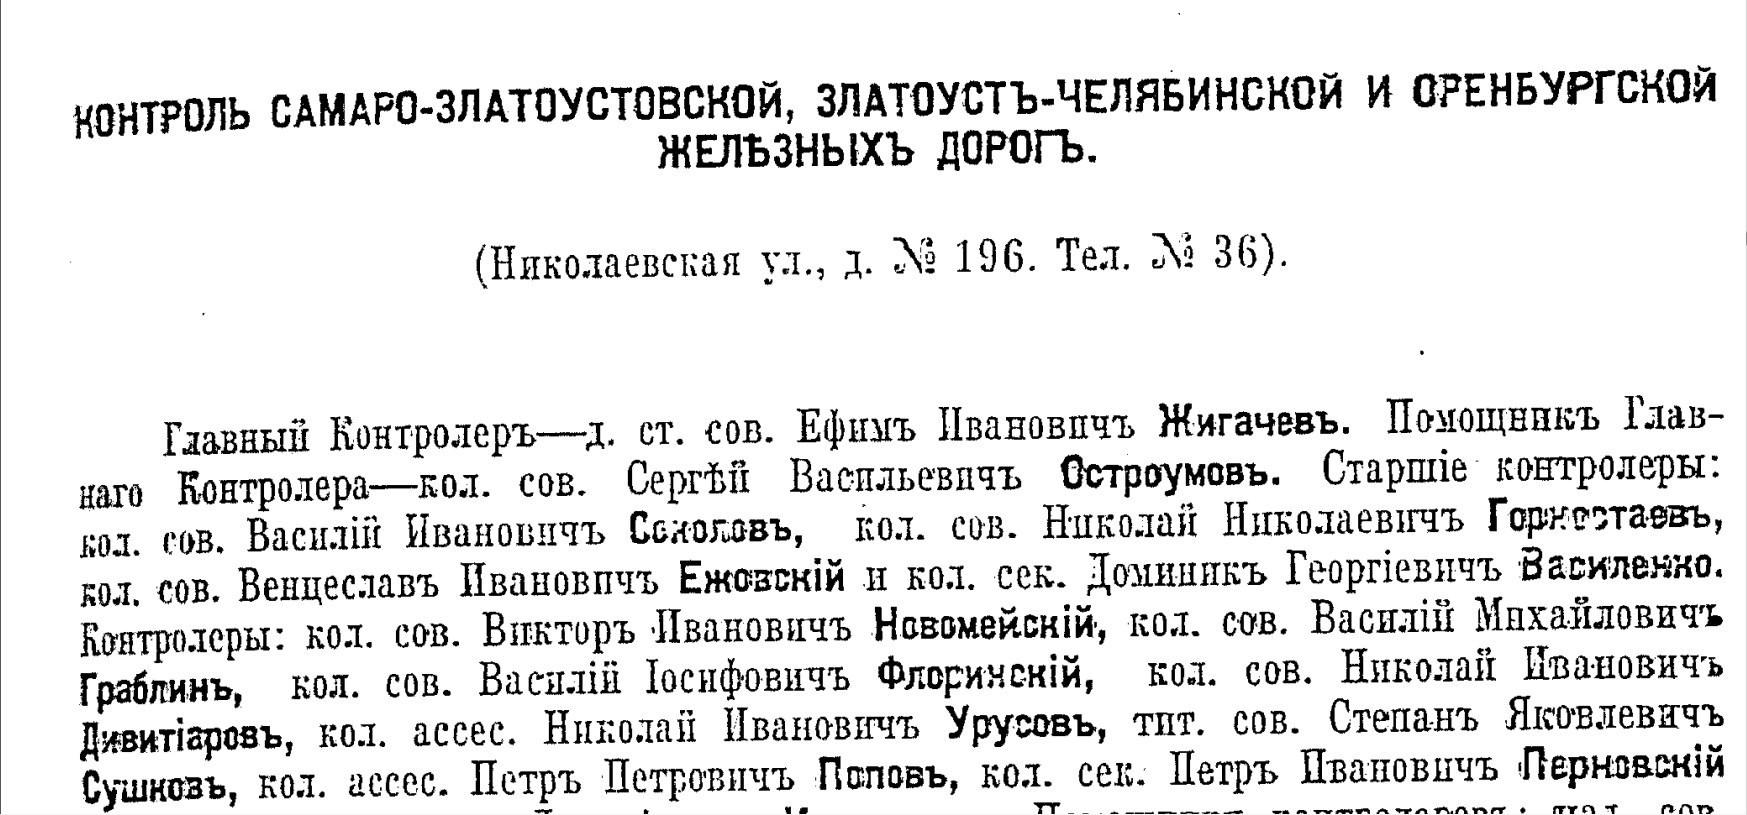 Контроль Самара-Златоустовской железной дороги